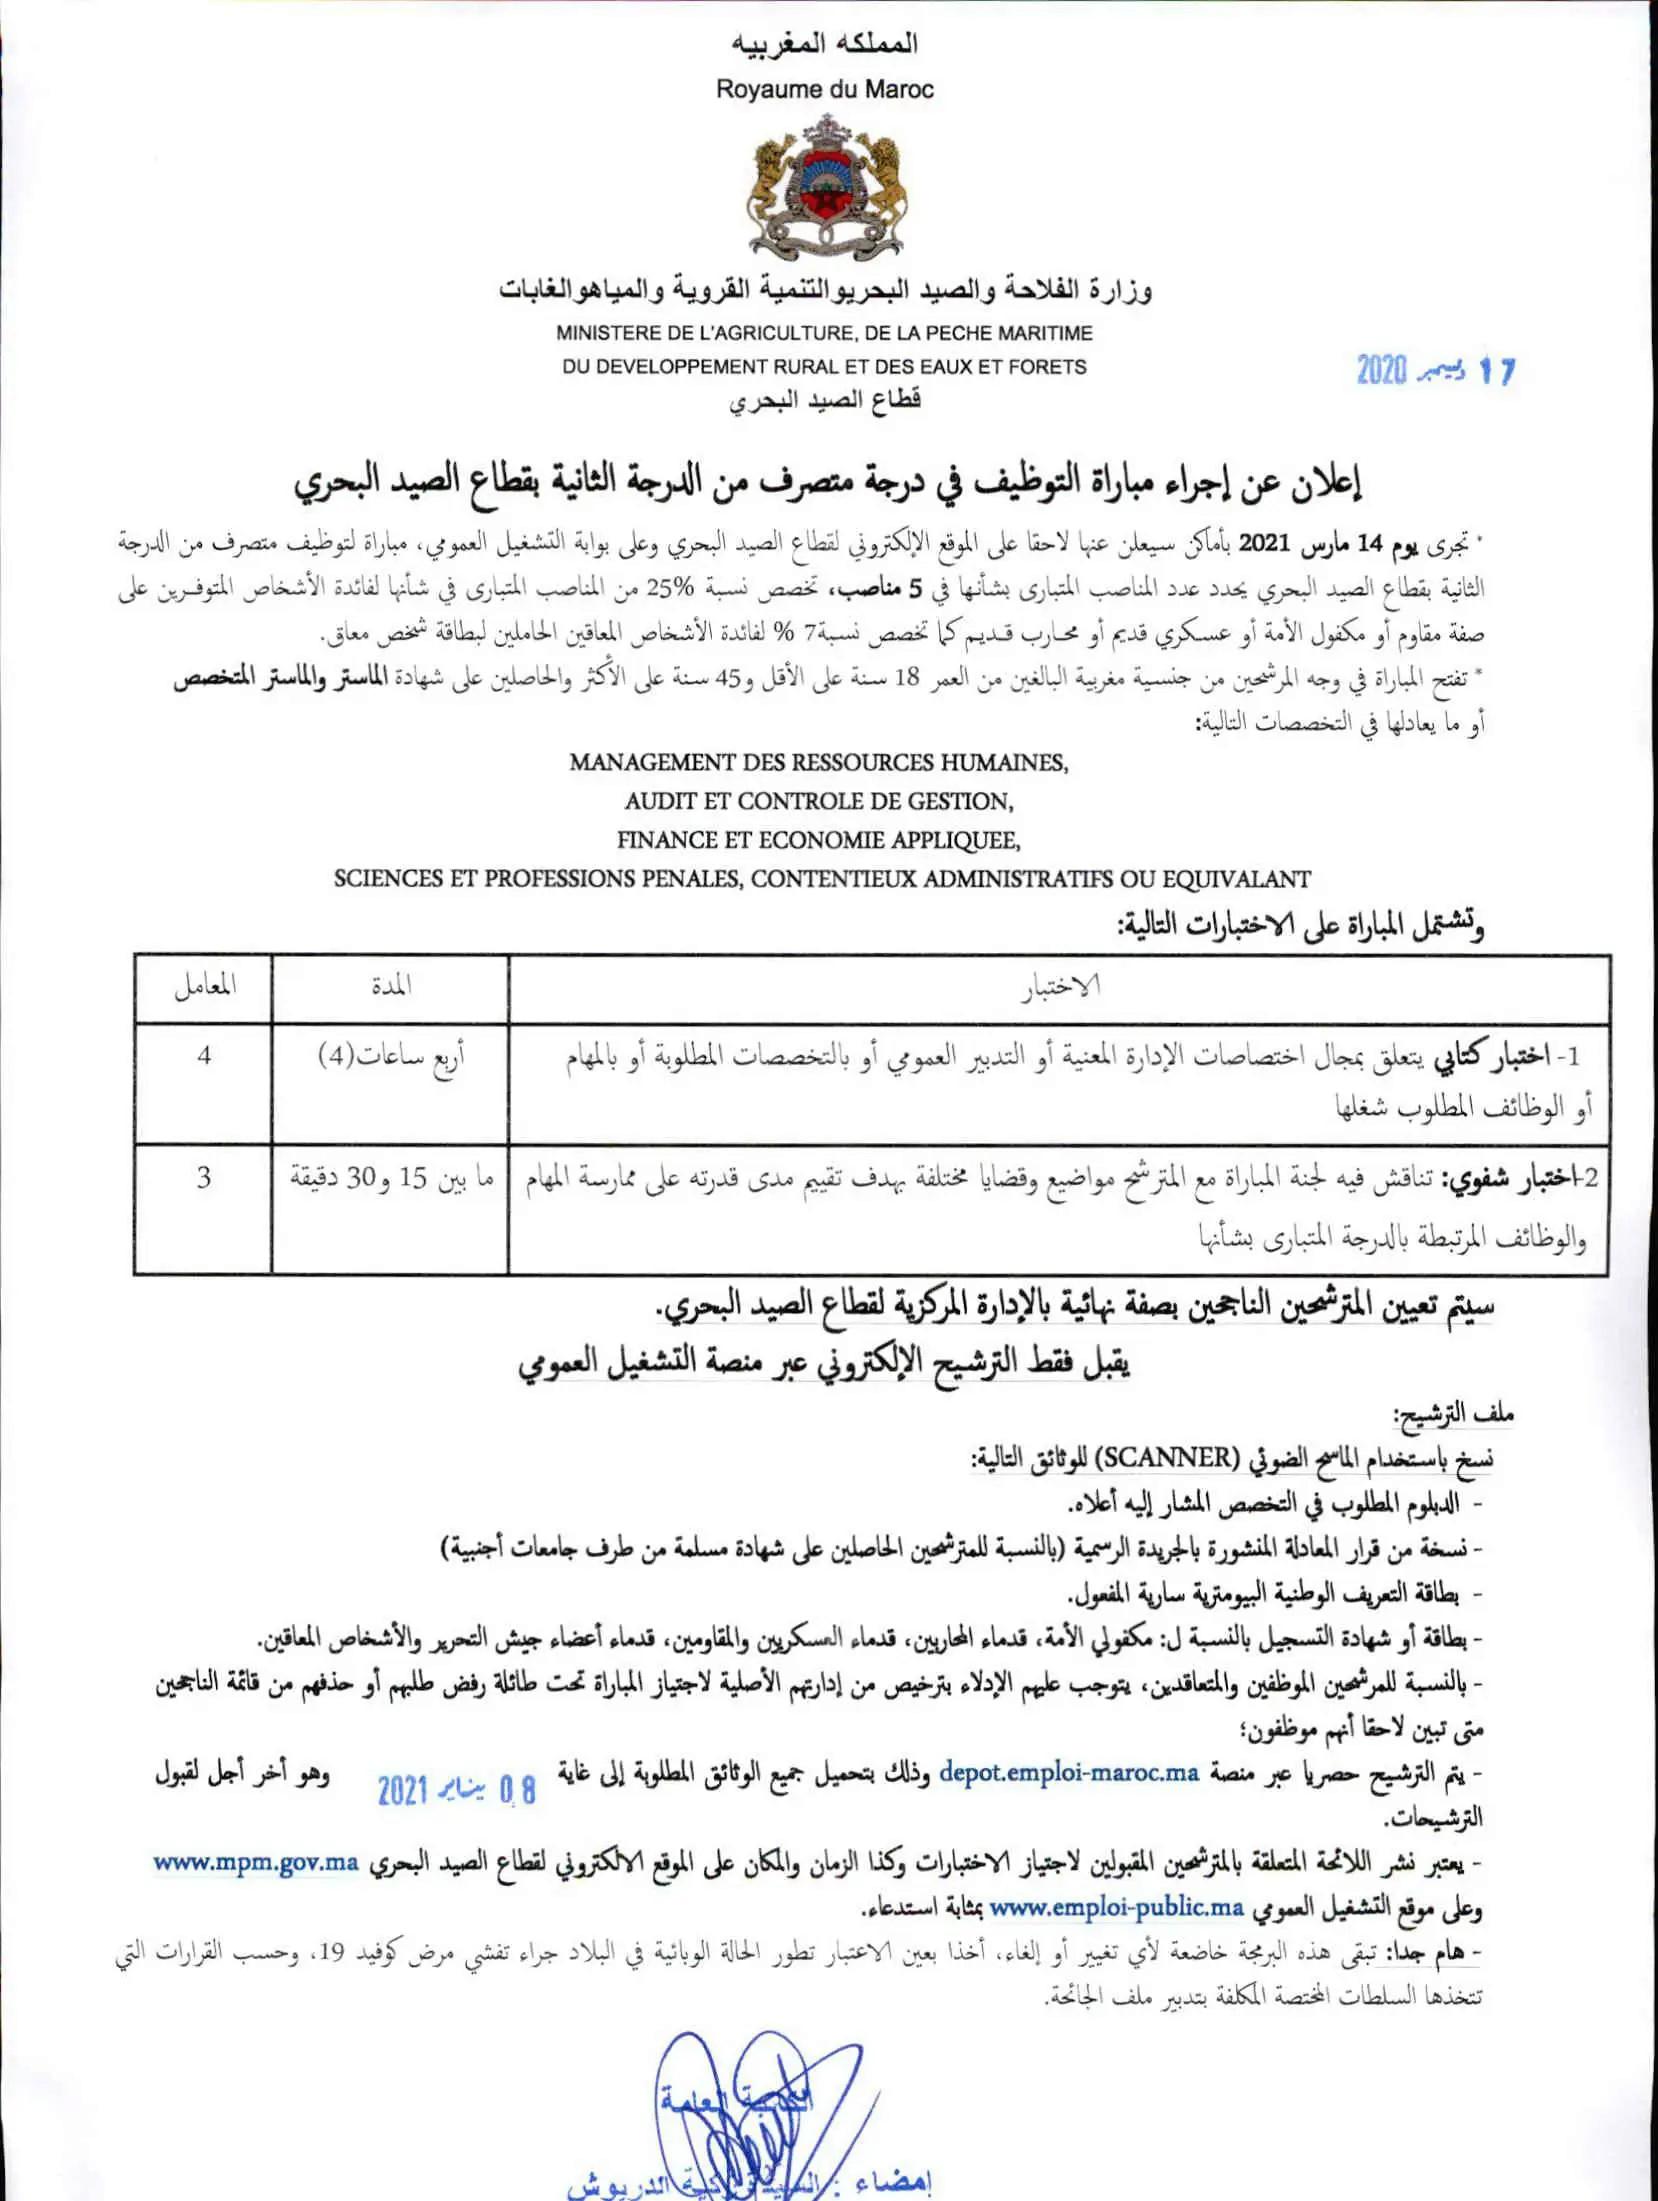 وزارة الفلاحة والصيد البحري - قطاع الصيد البحري  مباريات توظيف 45 منصب في مختلف الدرجات والتخصصات آخر أجل 8 يناير 2021 Io_aaa15